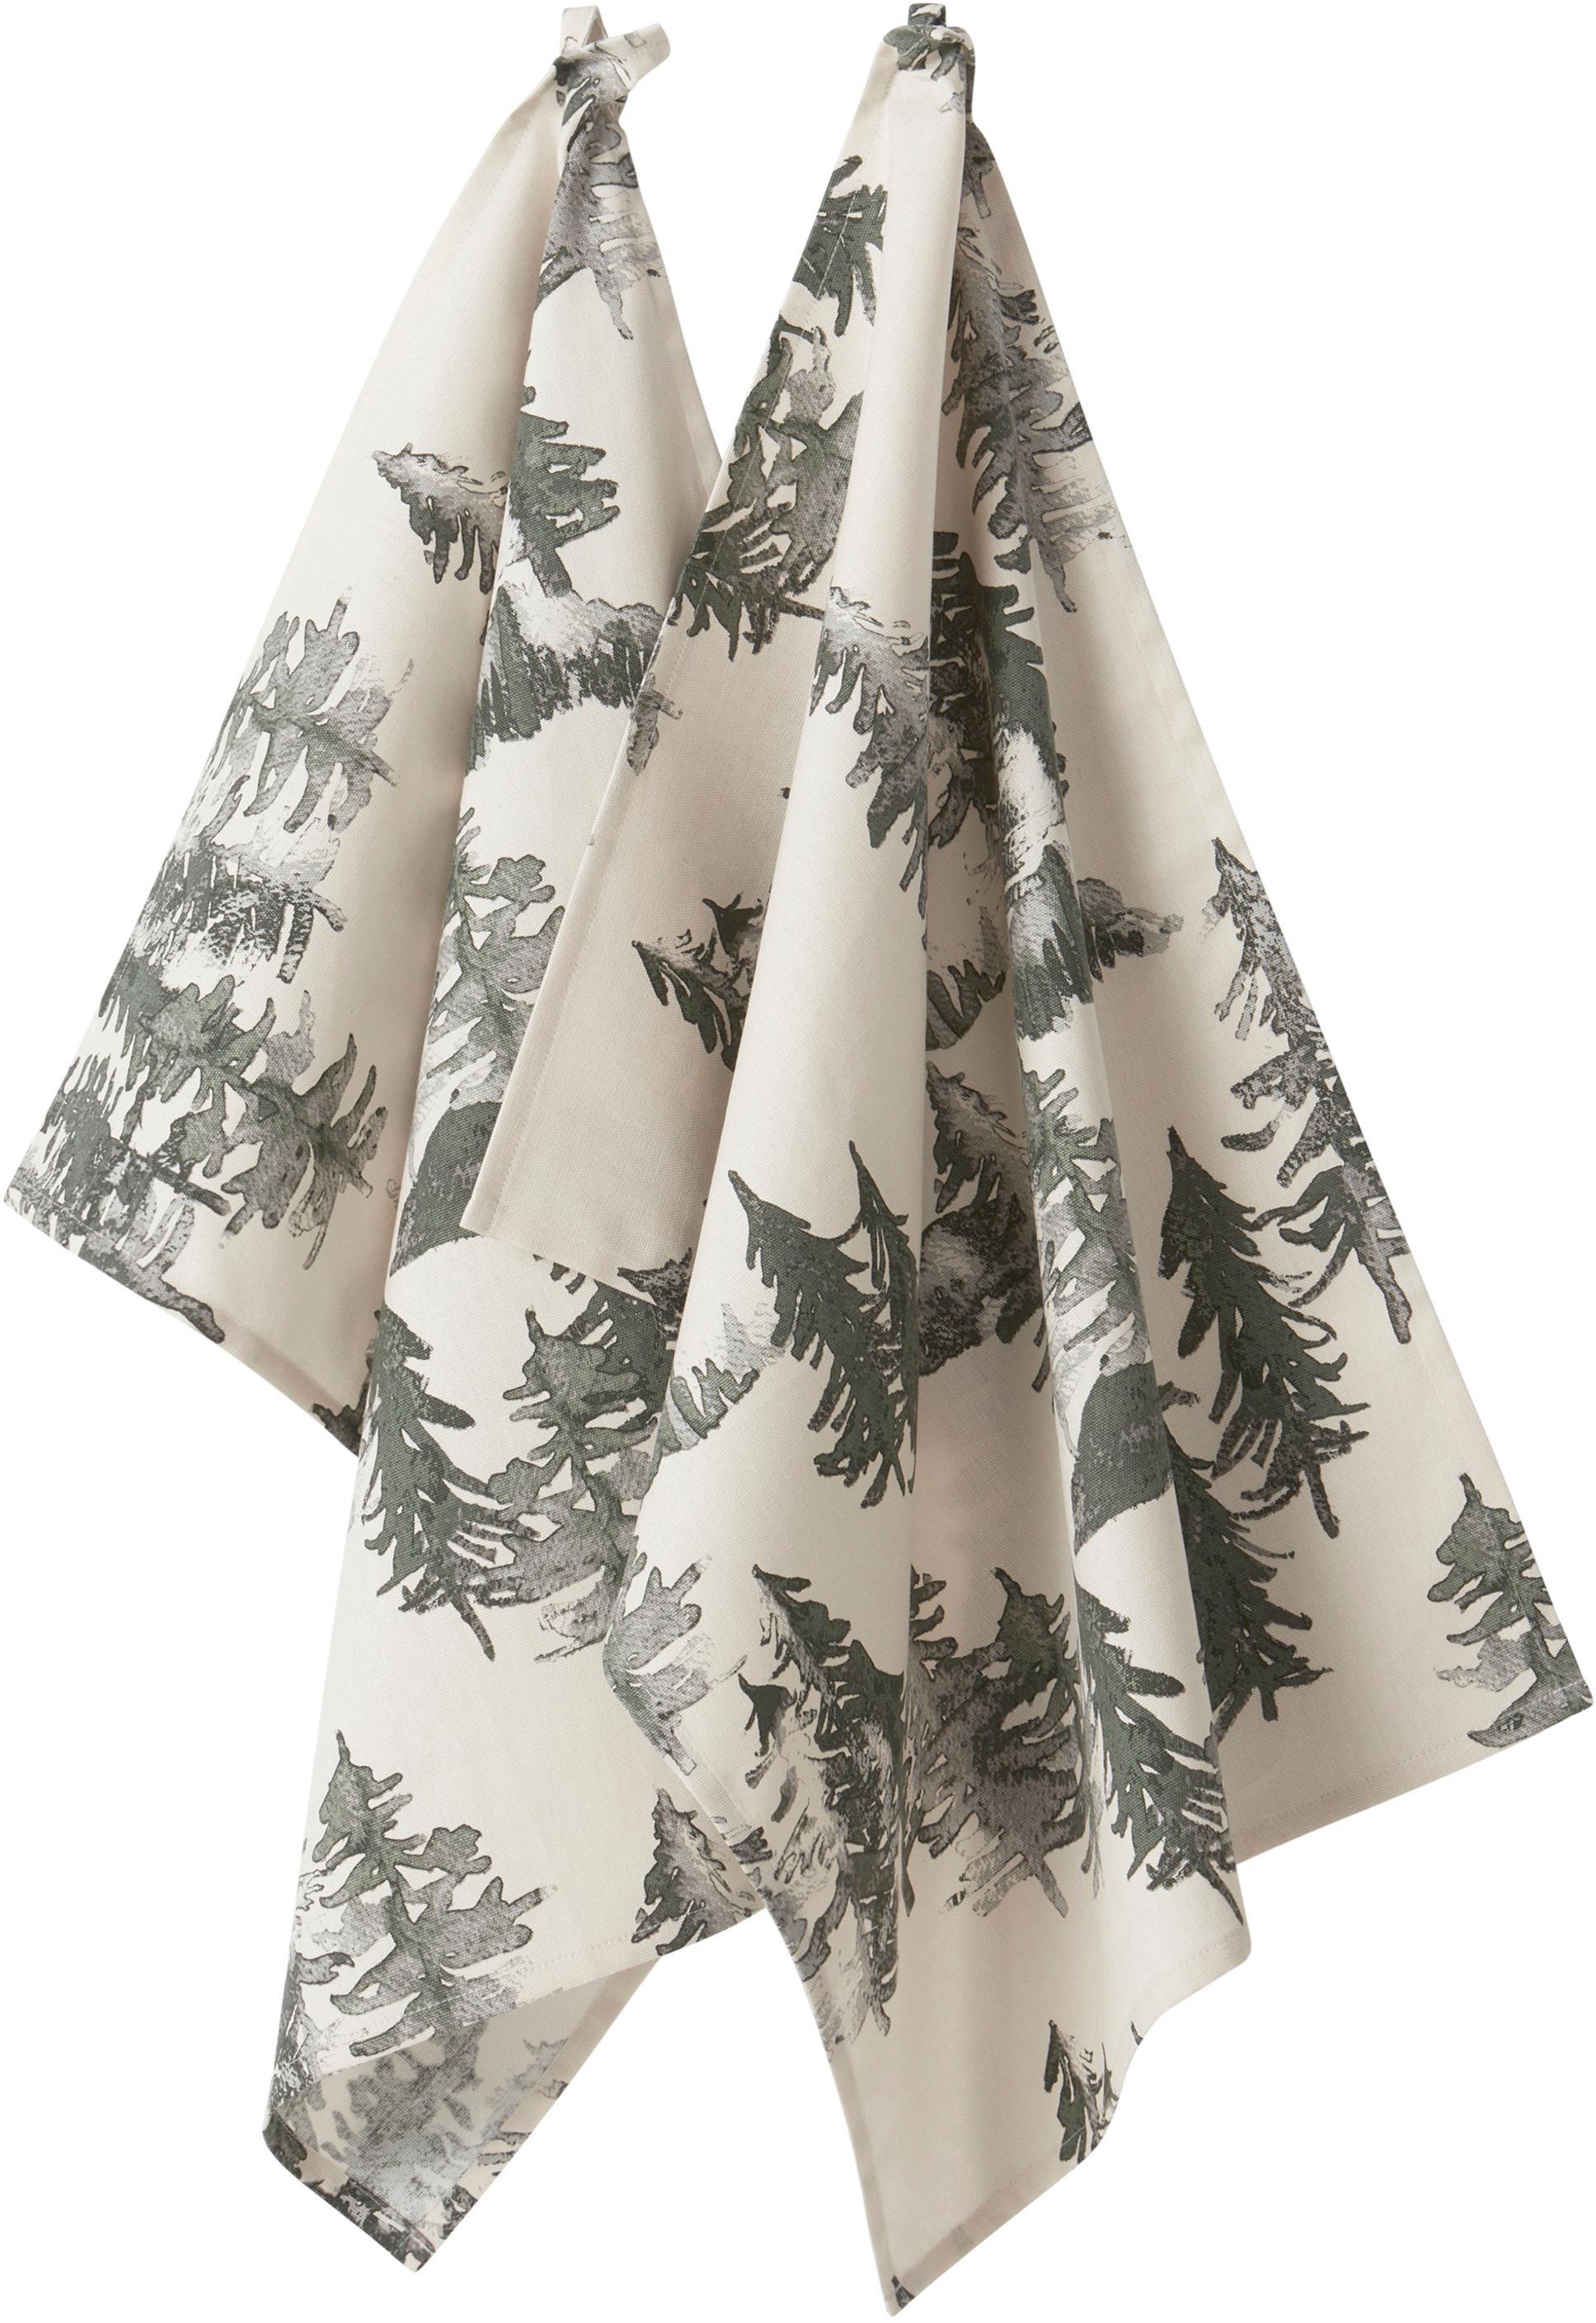 Paños de cocina Forrest, 2uds., 100%algodón de cultivos sostenible de algodón, Tonos cremas, verdes y grises, An 50 x L 70 cm